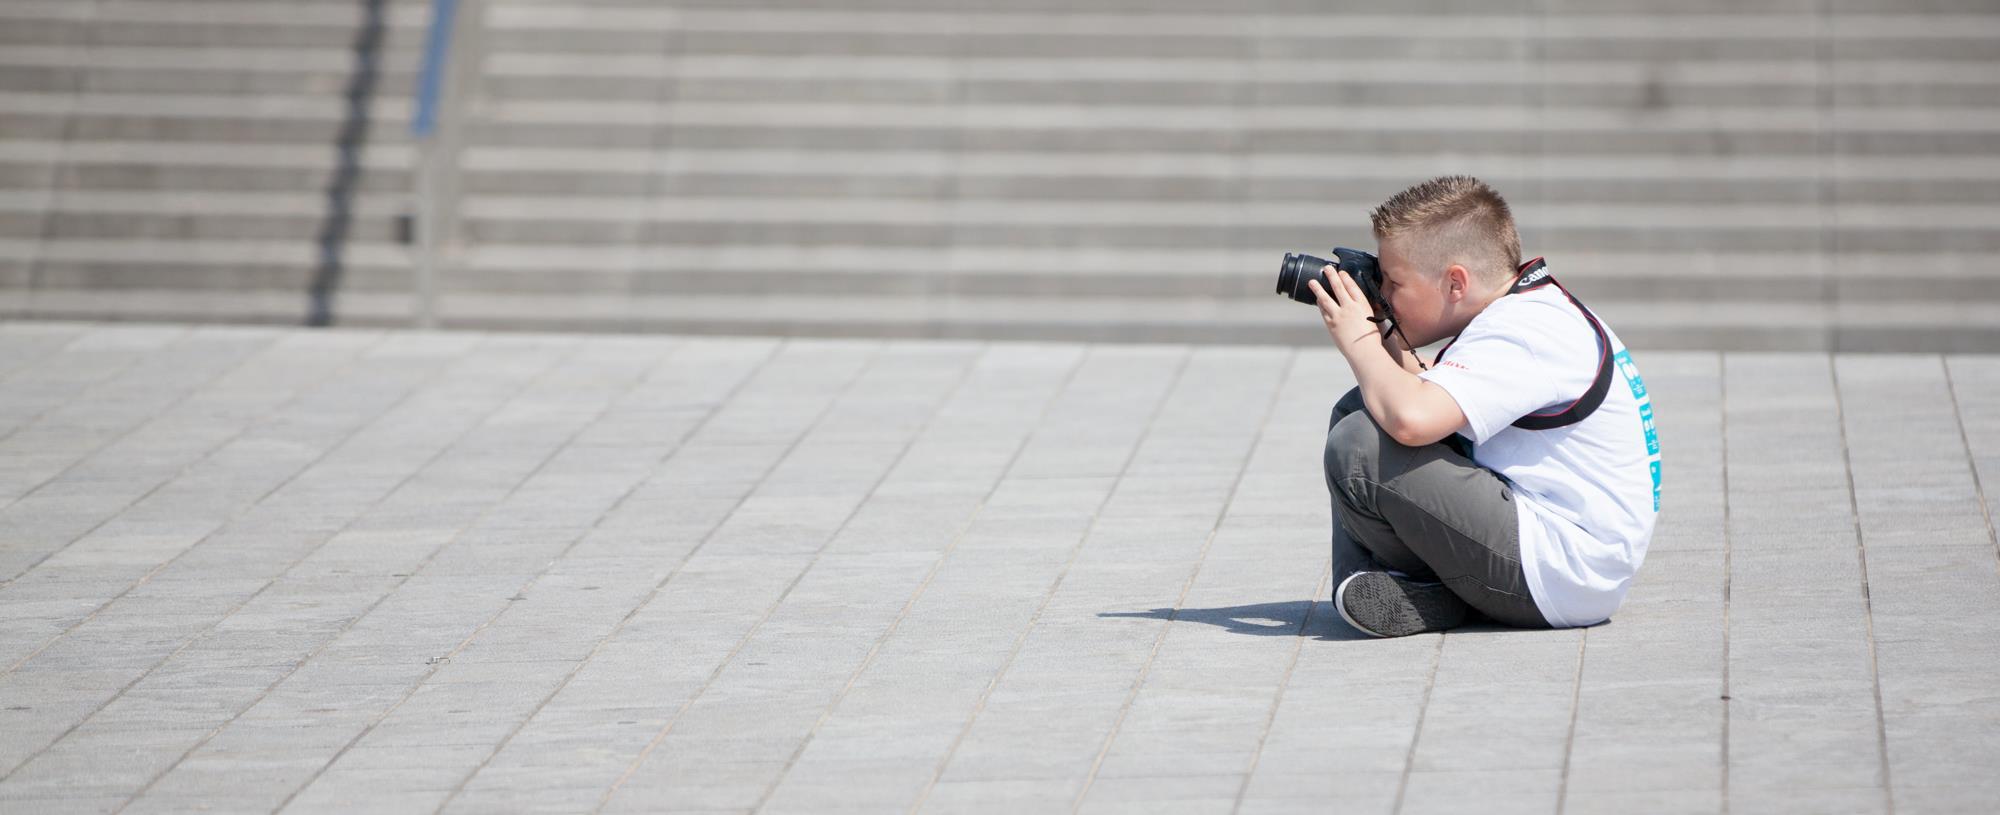 Fotografieworkshop aan zee.